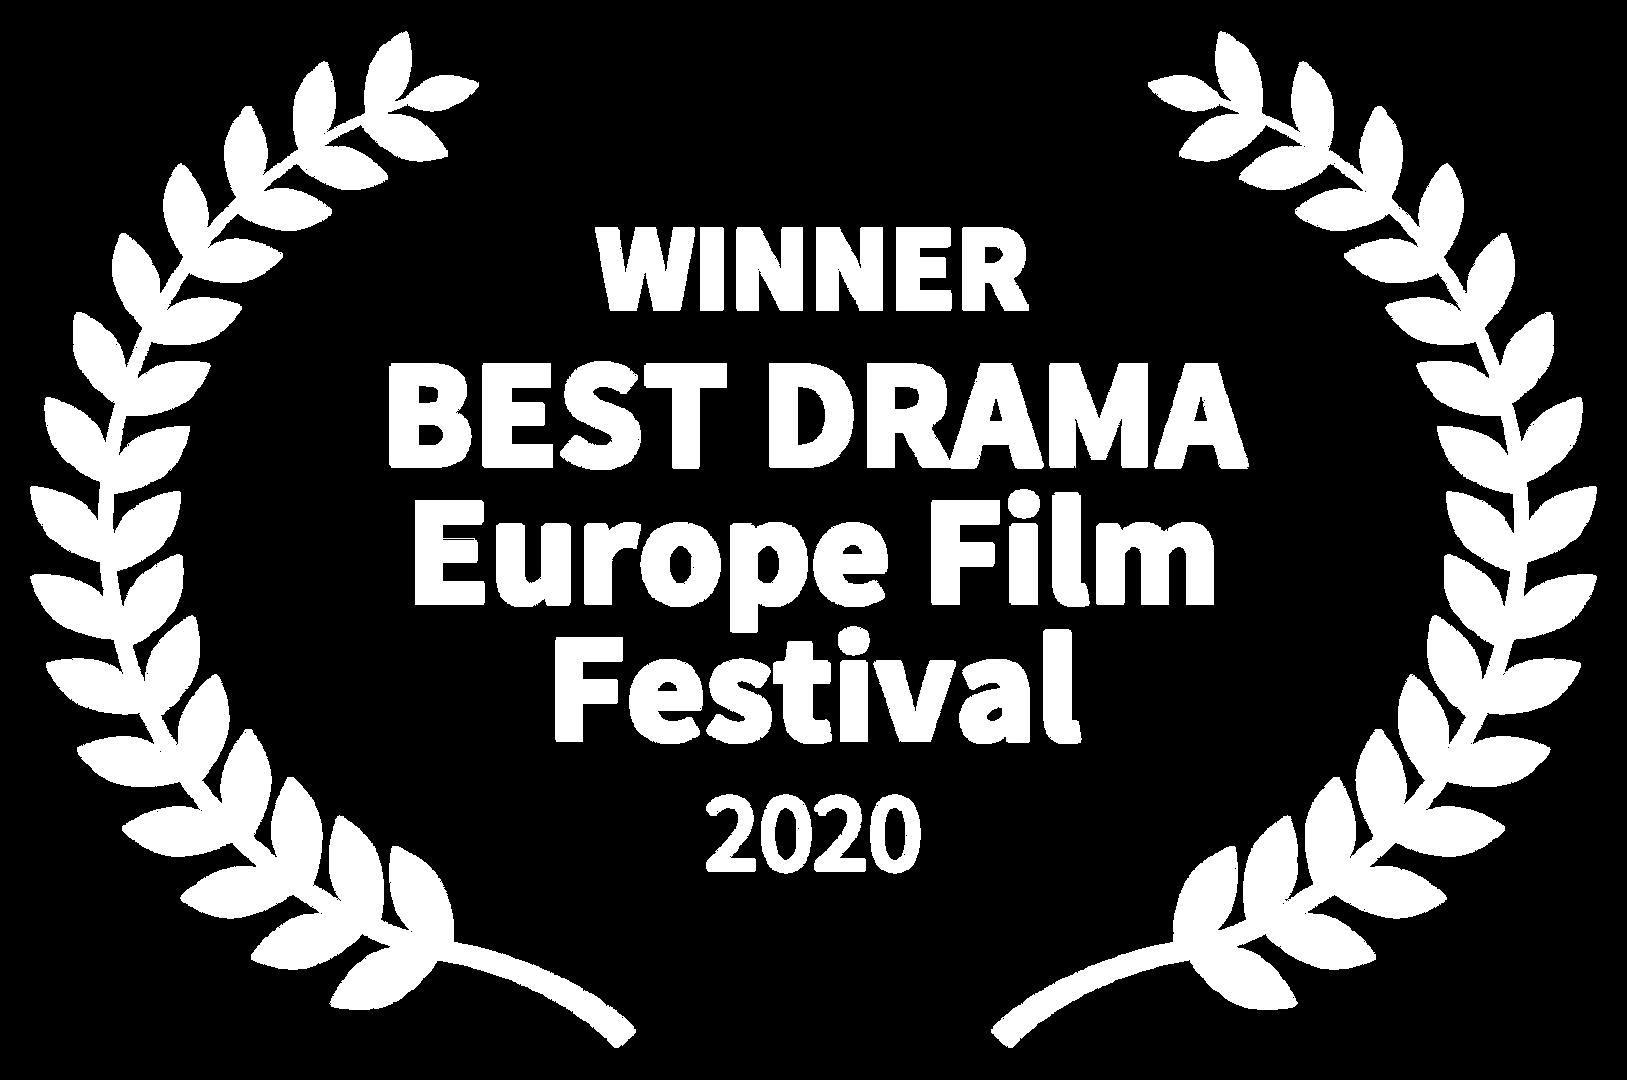 WINNER - BEST DRAMA Europe Film Festival